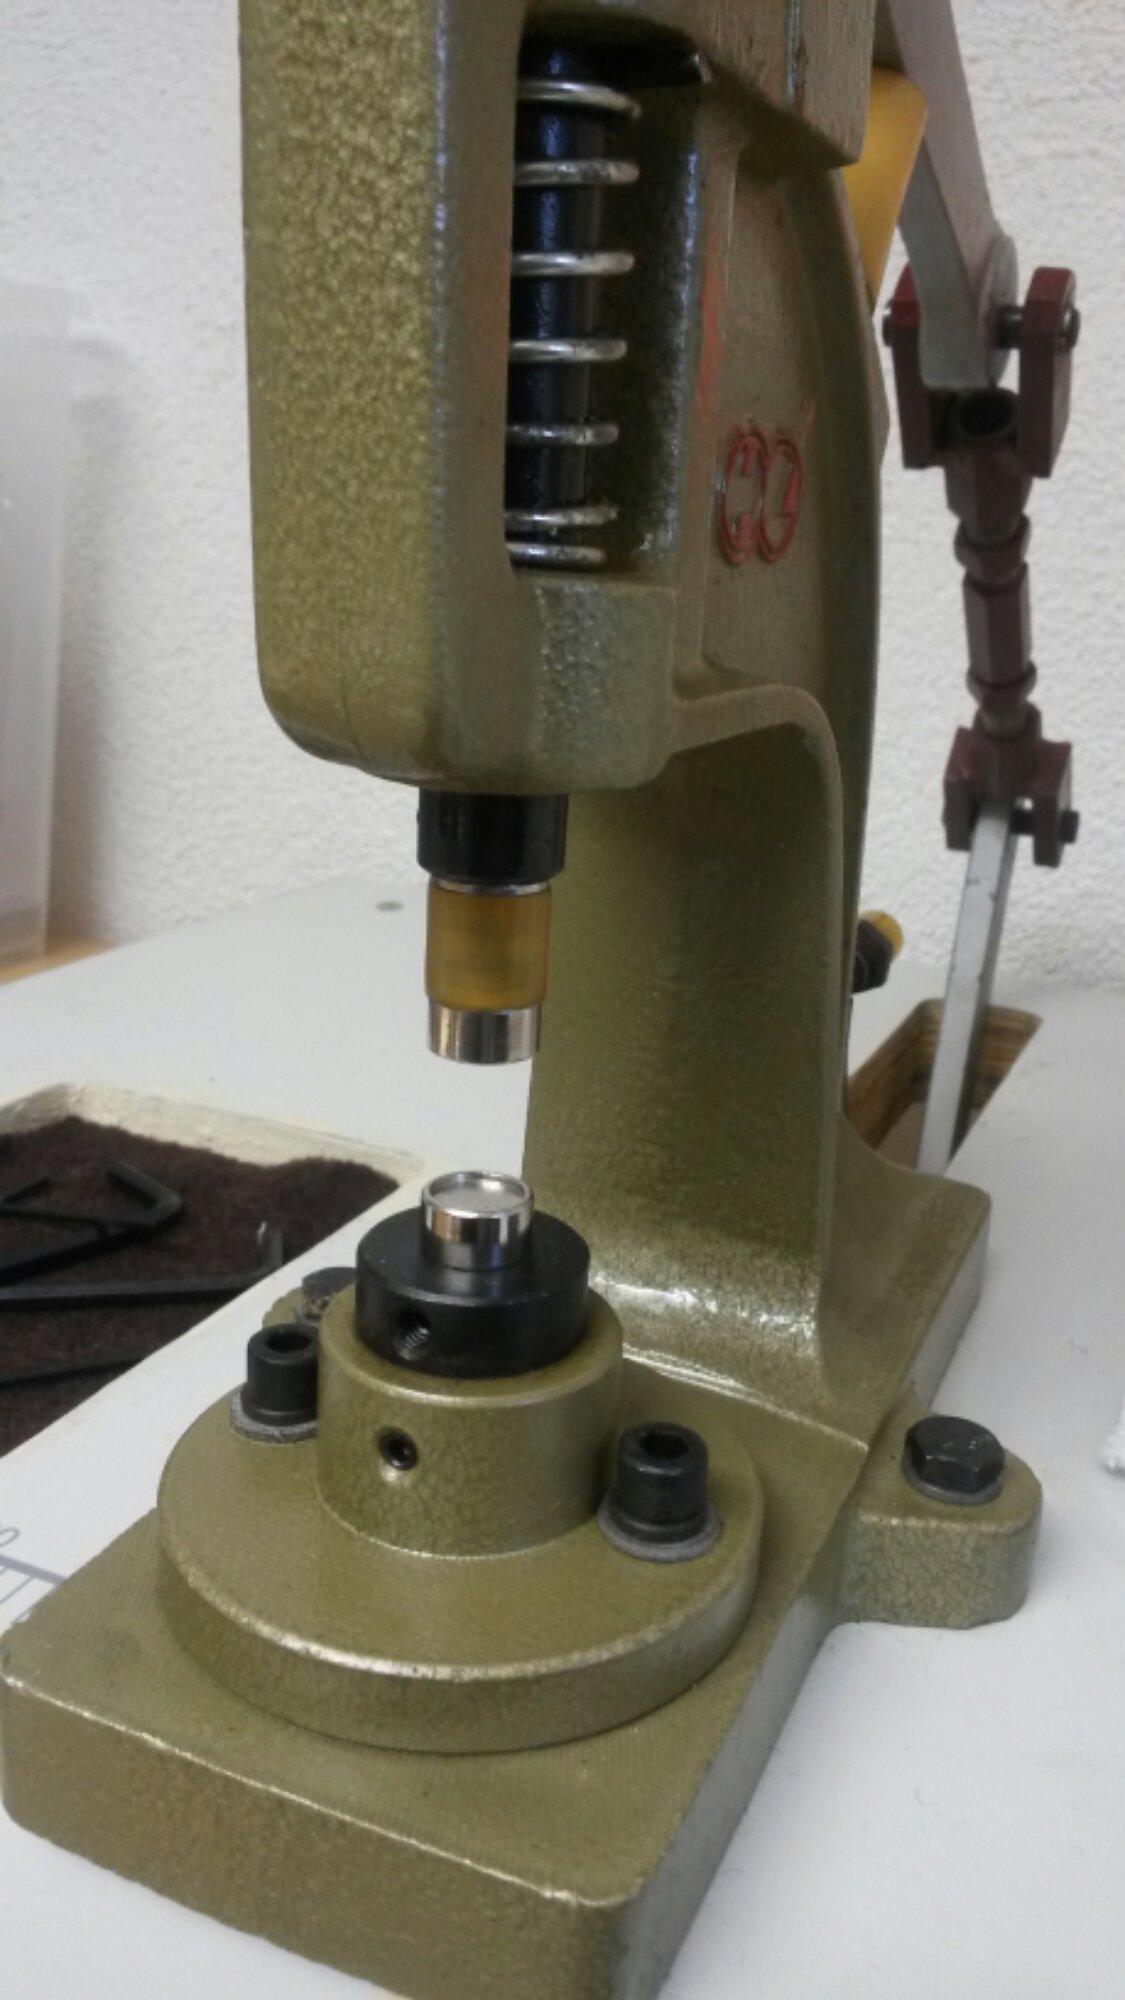 Es werden dieselben Aufsätze wie bei der Snapmaschine DK 98 benutzt.